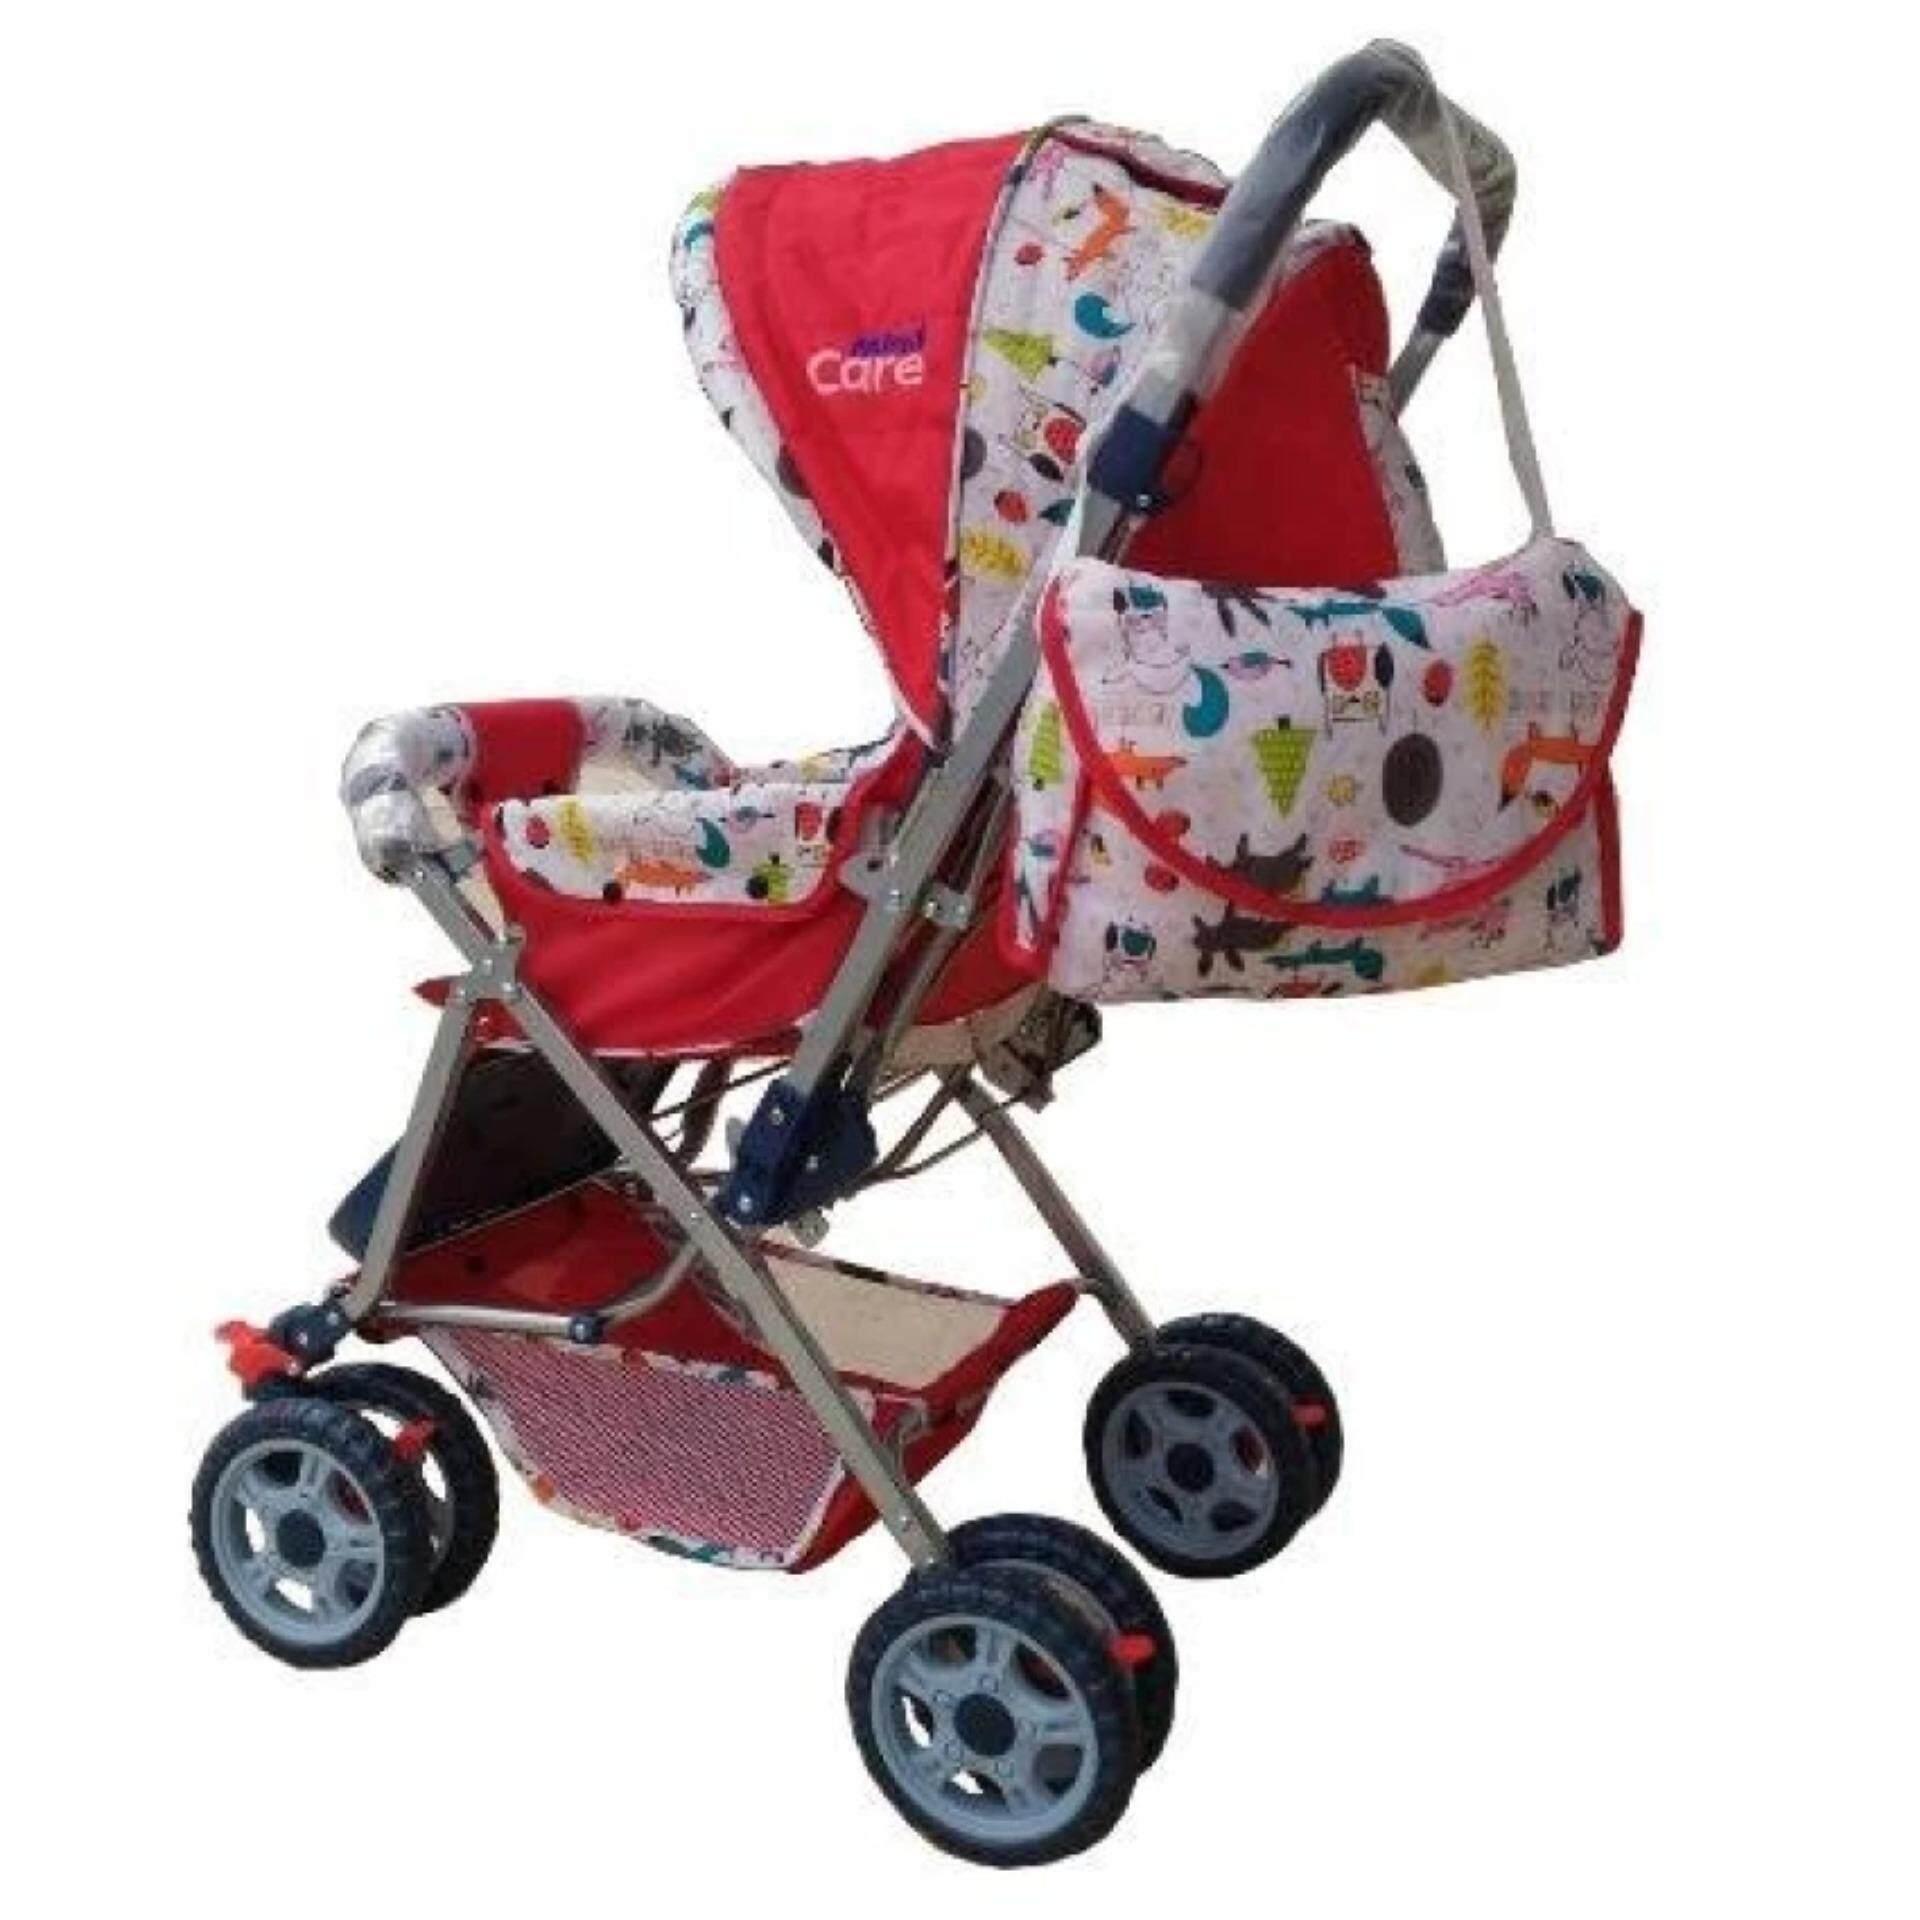 มีของแถม ส่งฟรี Unbranded/Generic อุปกรณ์เสริมรถเข็นเด็ก Kurry Baby Newborn Bed Handbell Stroller Bed Hanging Handbell Soft Rattles Toys - intl กล้าลดราคาเพื่อคุณ